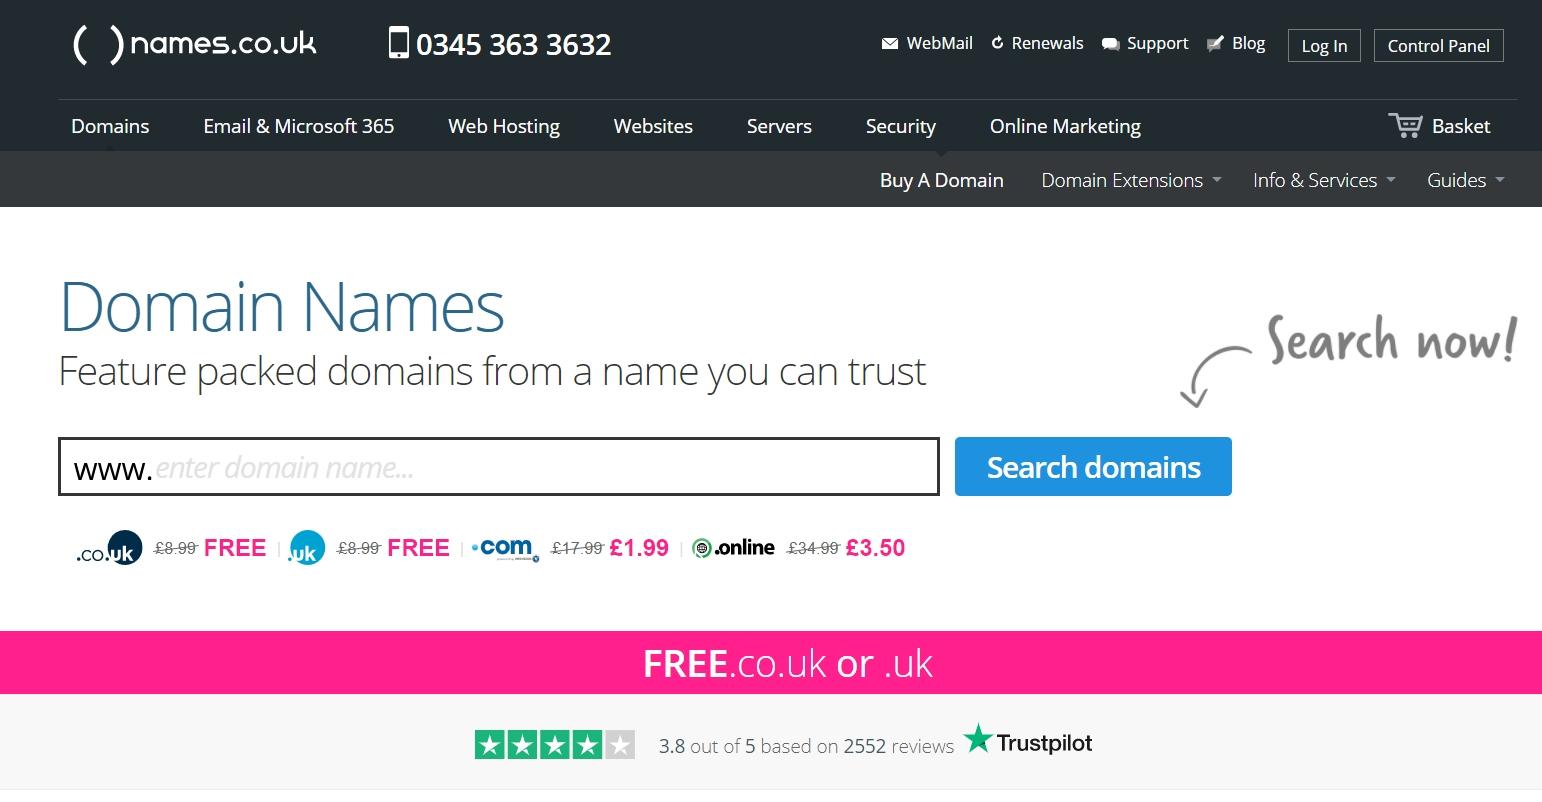 Tên miền .com chỉ còn $2,76 tại names.co.uk